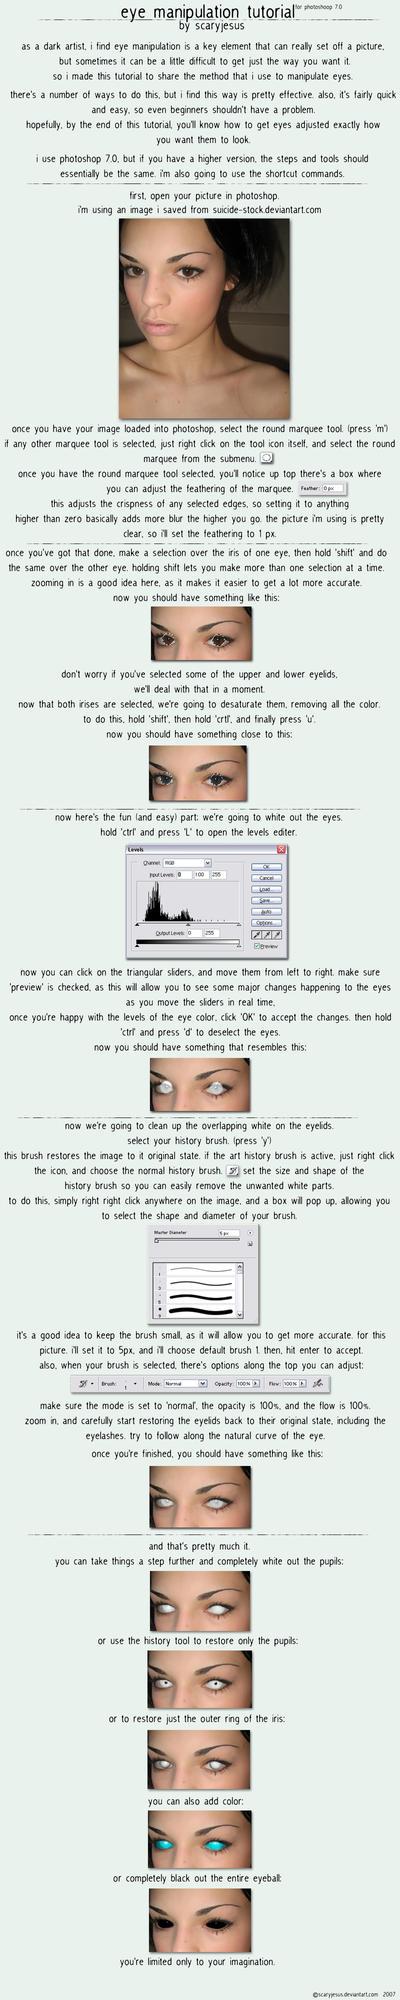 eye manipulation tutorial by scaryjesus